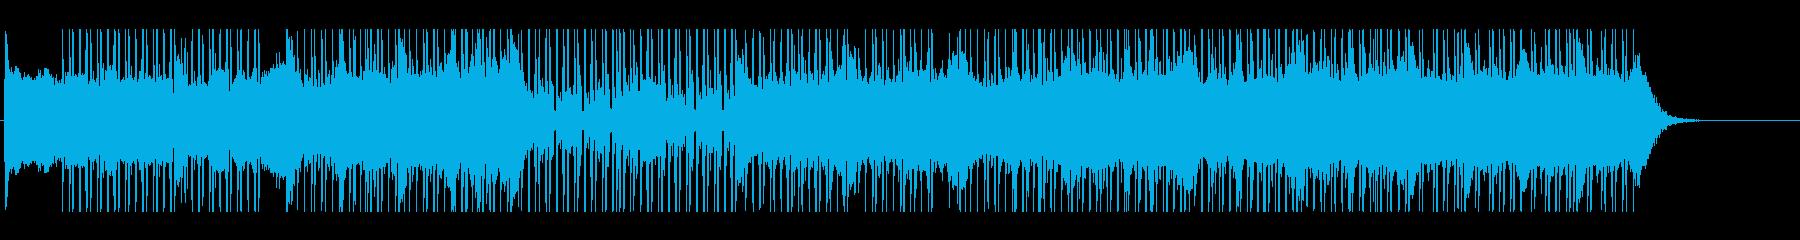 淡々 報道 スピード レース 未来 科学の再生済みの波形